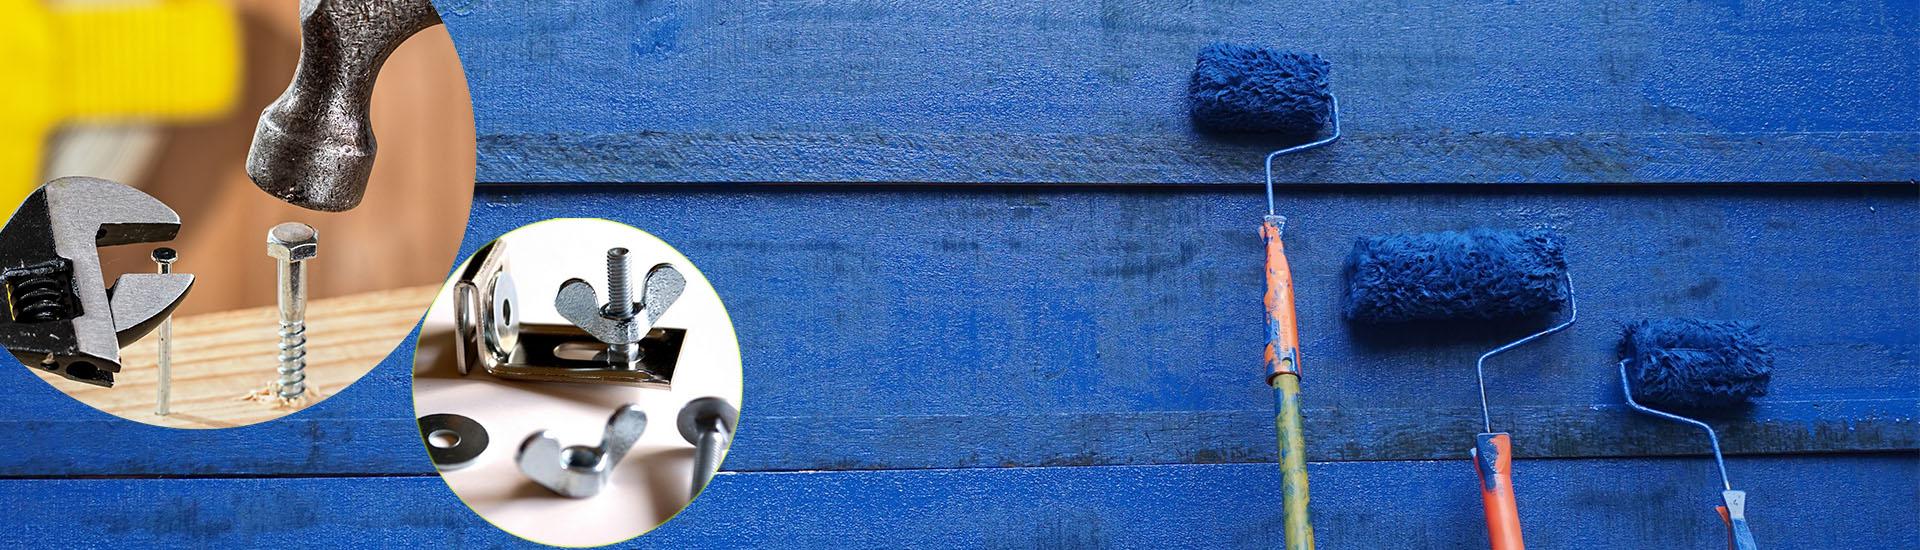 L'ADMR propose ses prestations de bricolage à domicile